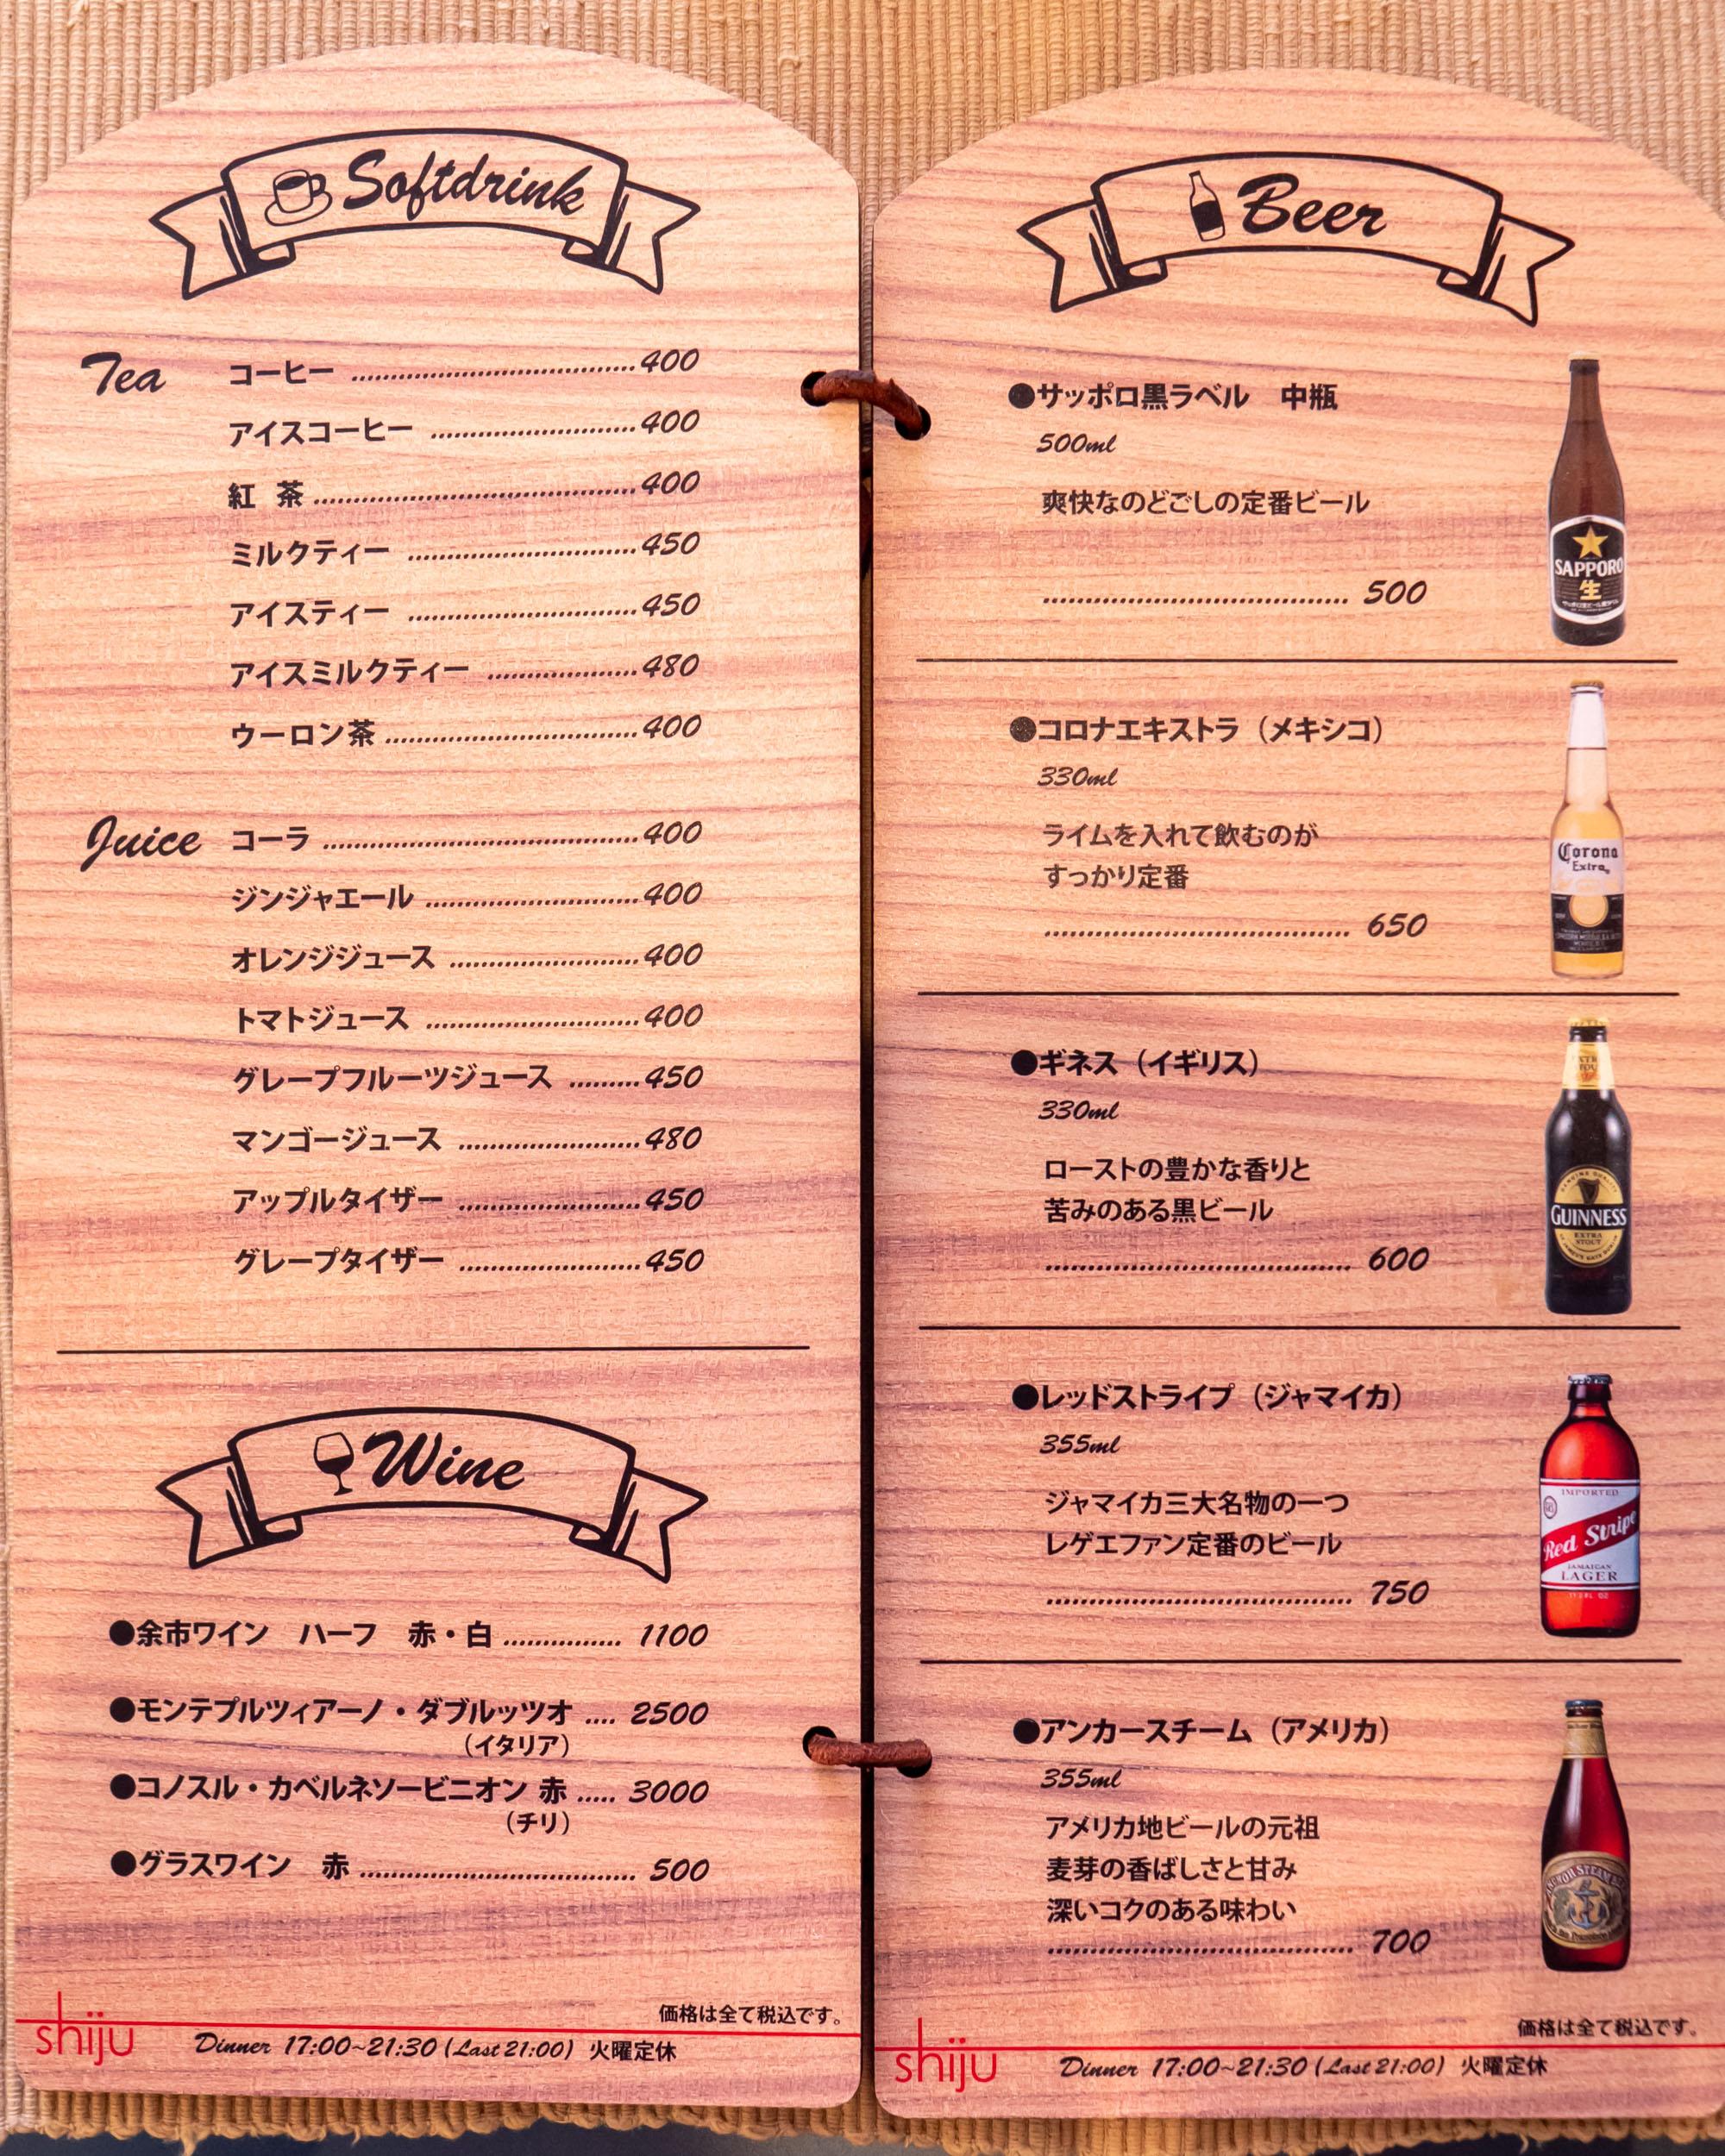 ビールとワイン、ソフトドリンクのメニュー DMC-GX8 + LEICA DG 12-60mm